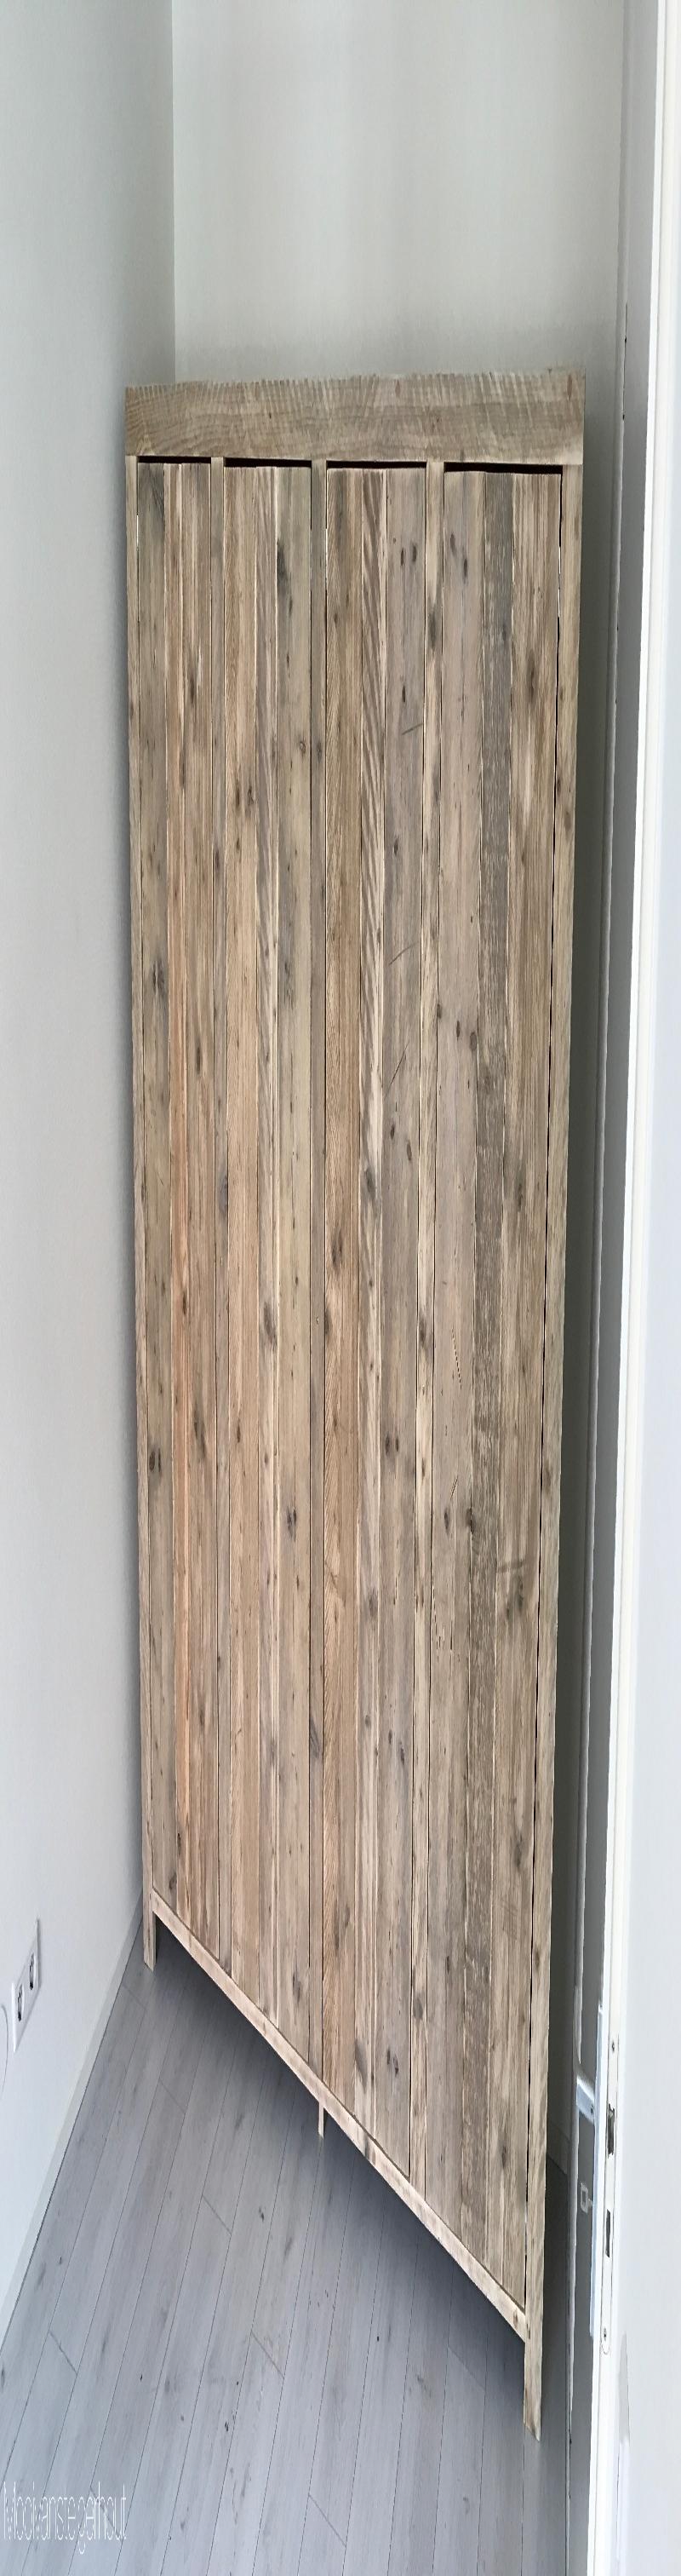 Kledingkast van steigerhout